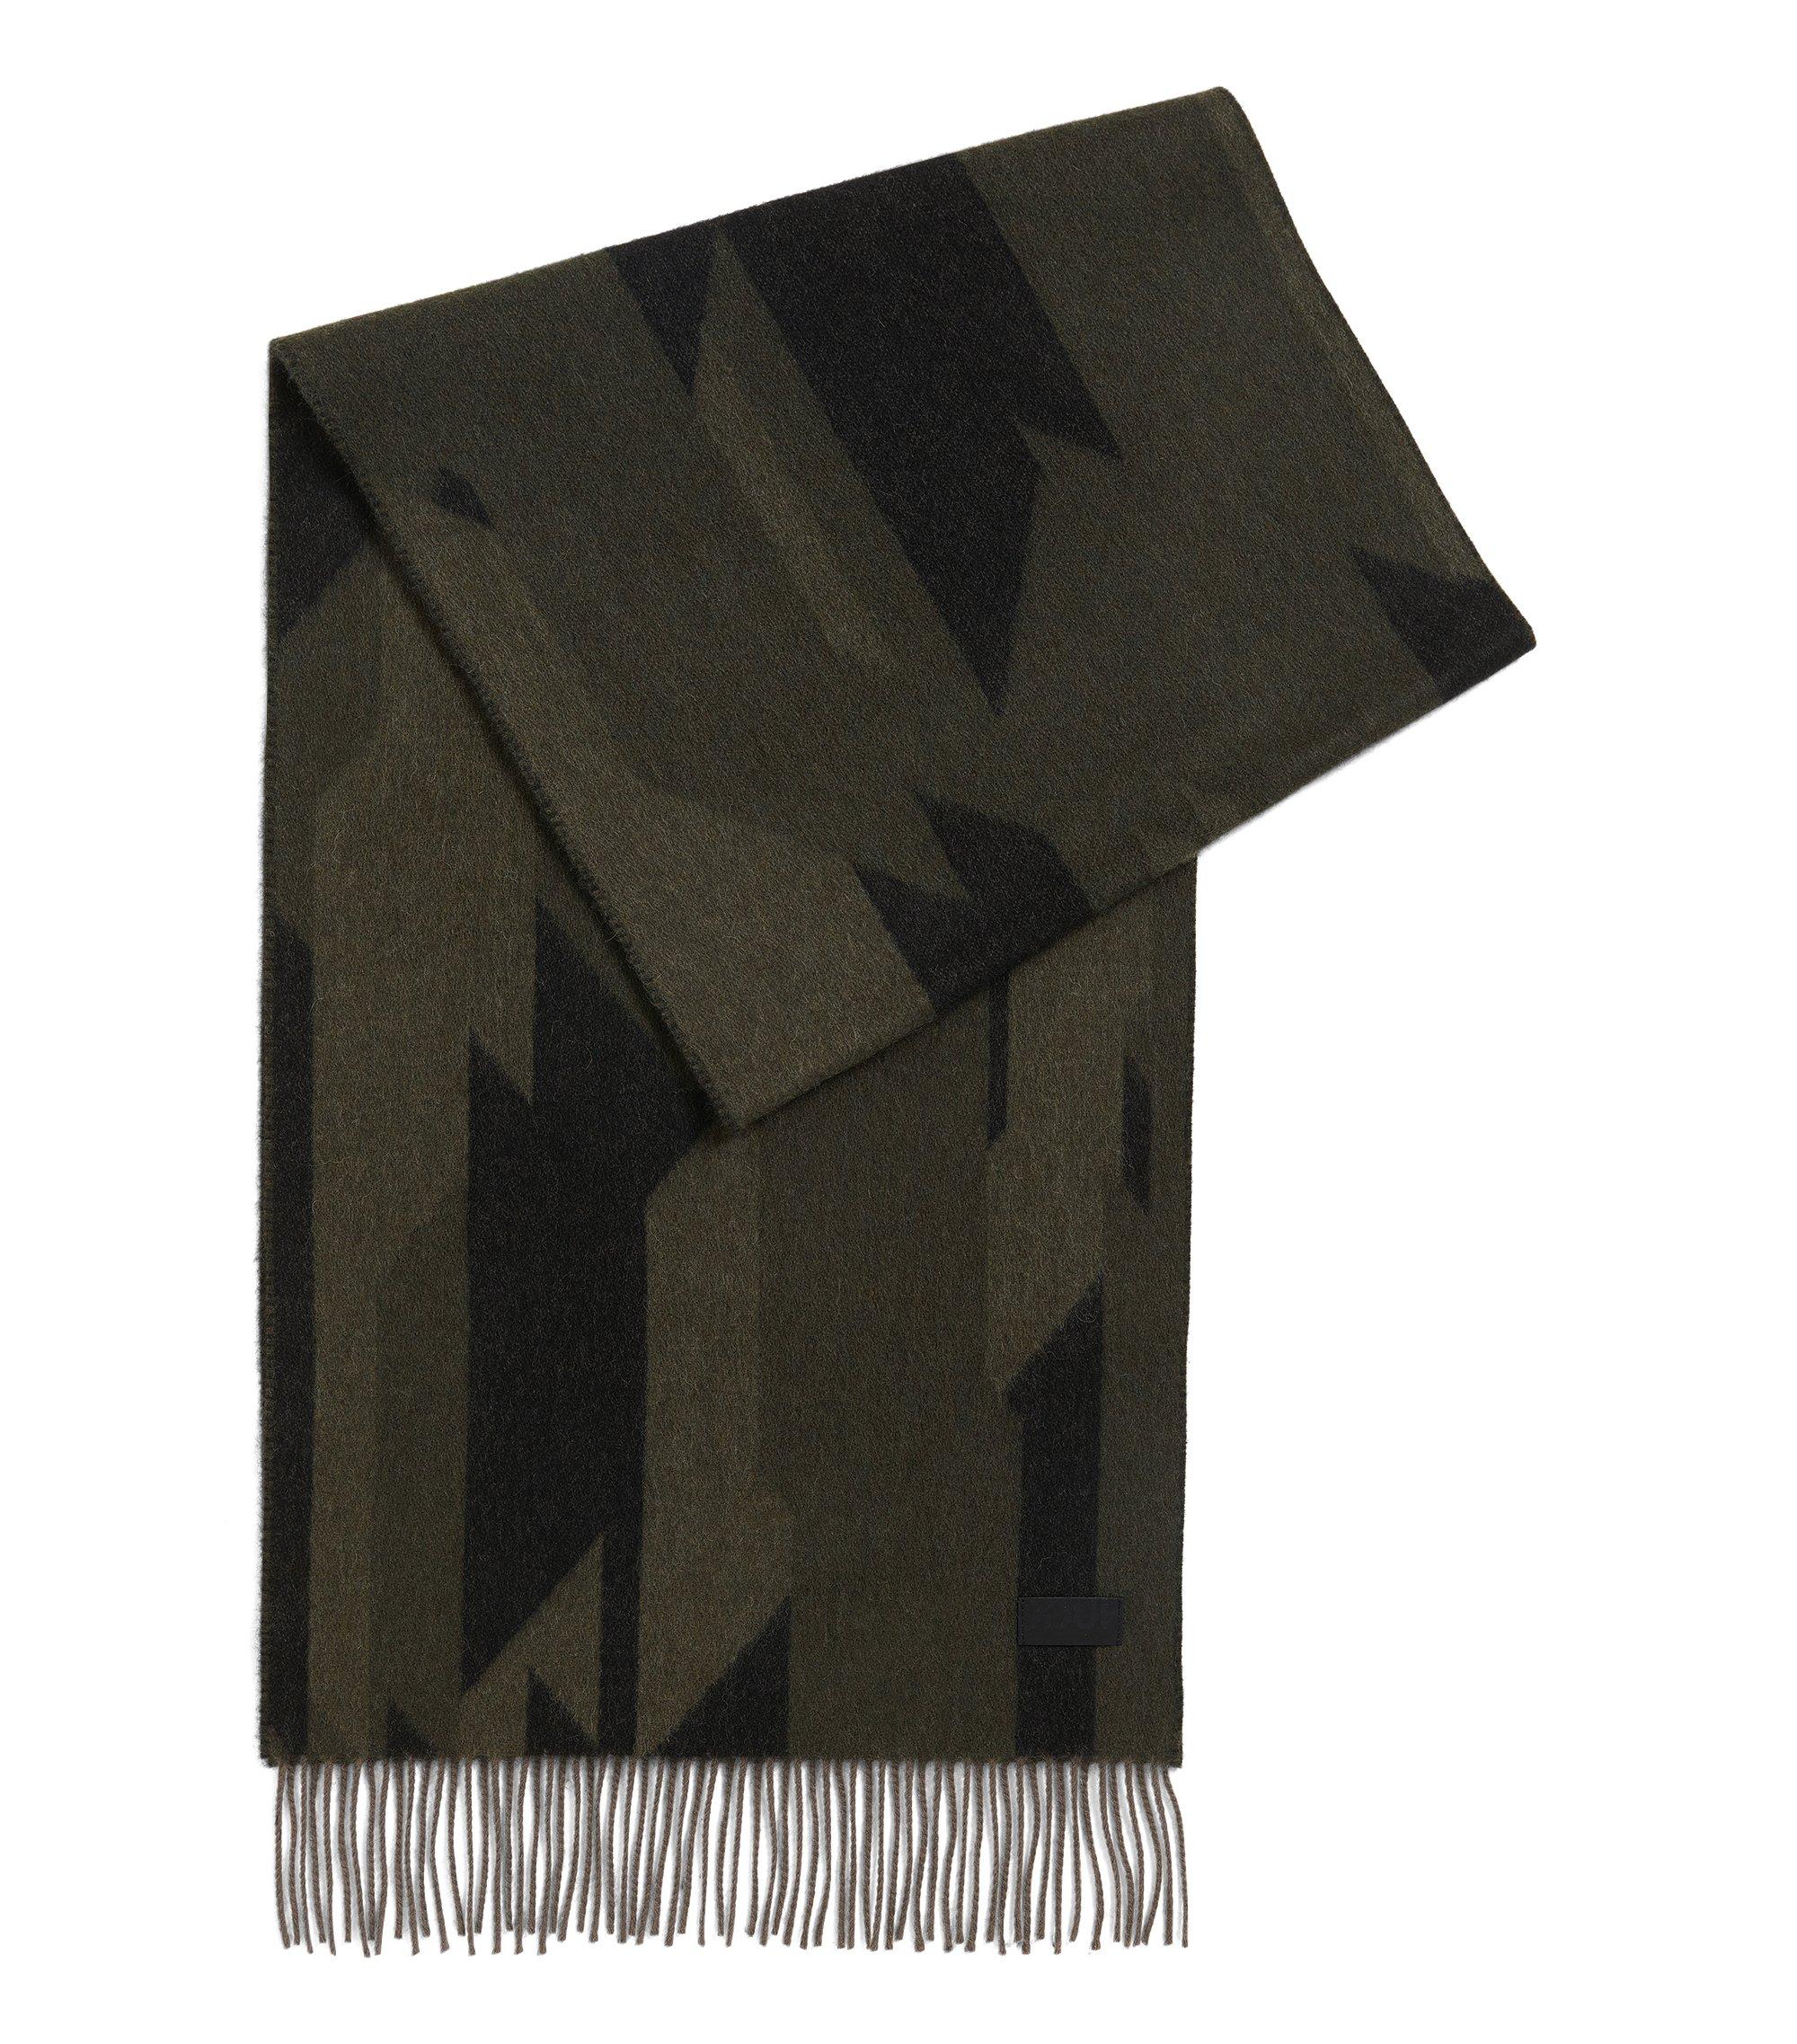 Sciarpa camouflage in misto lana cardata, A disegni